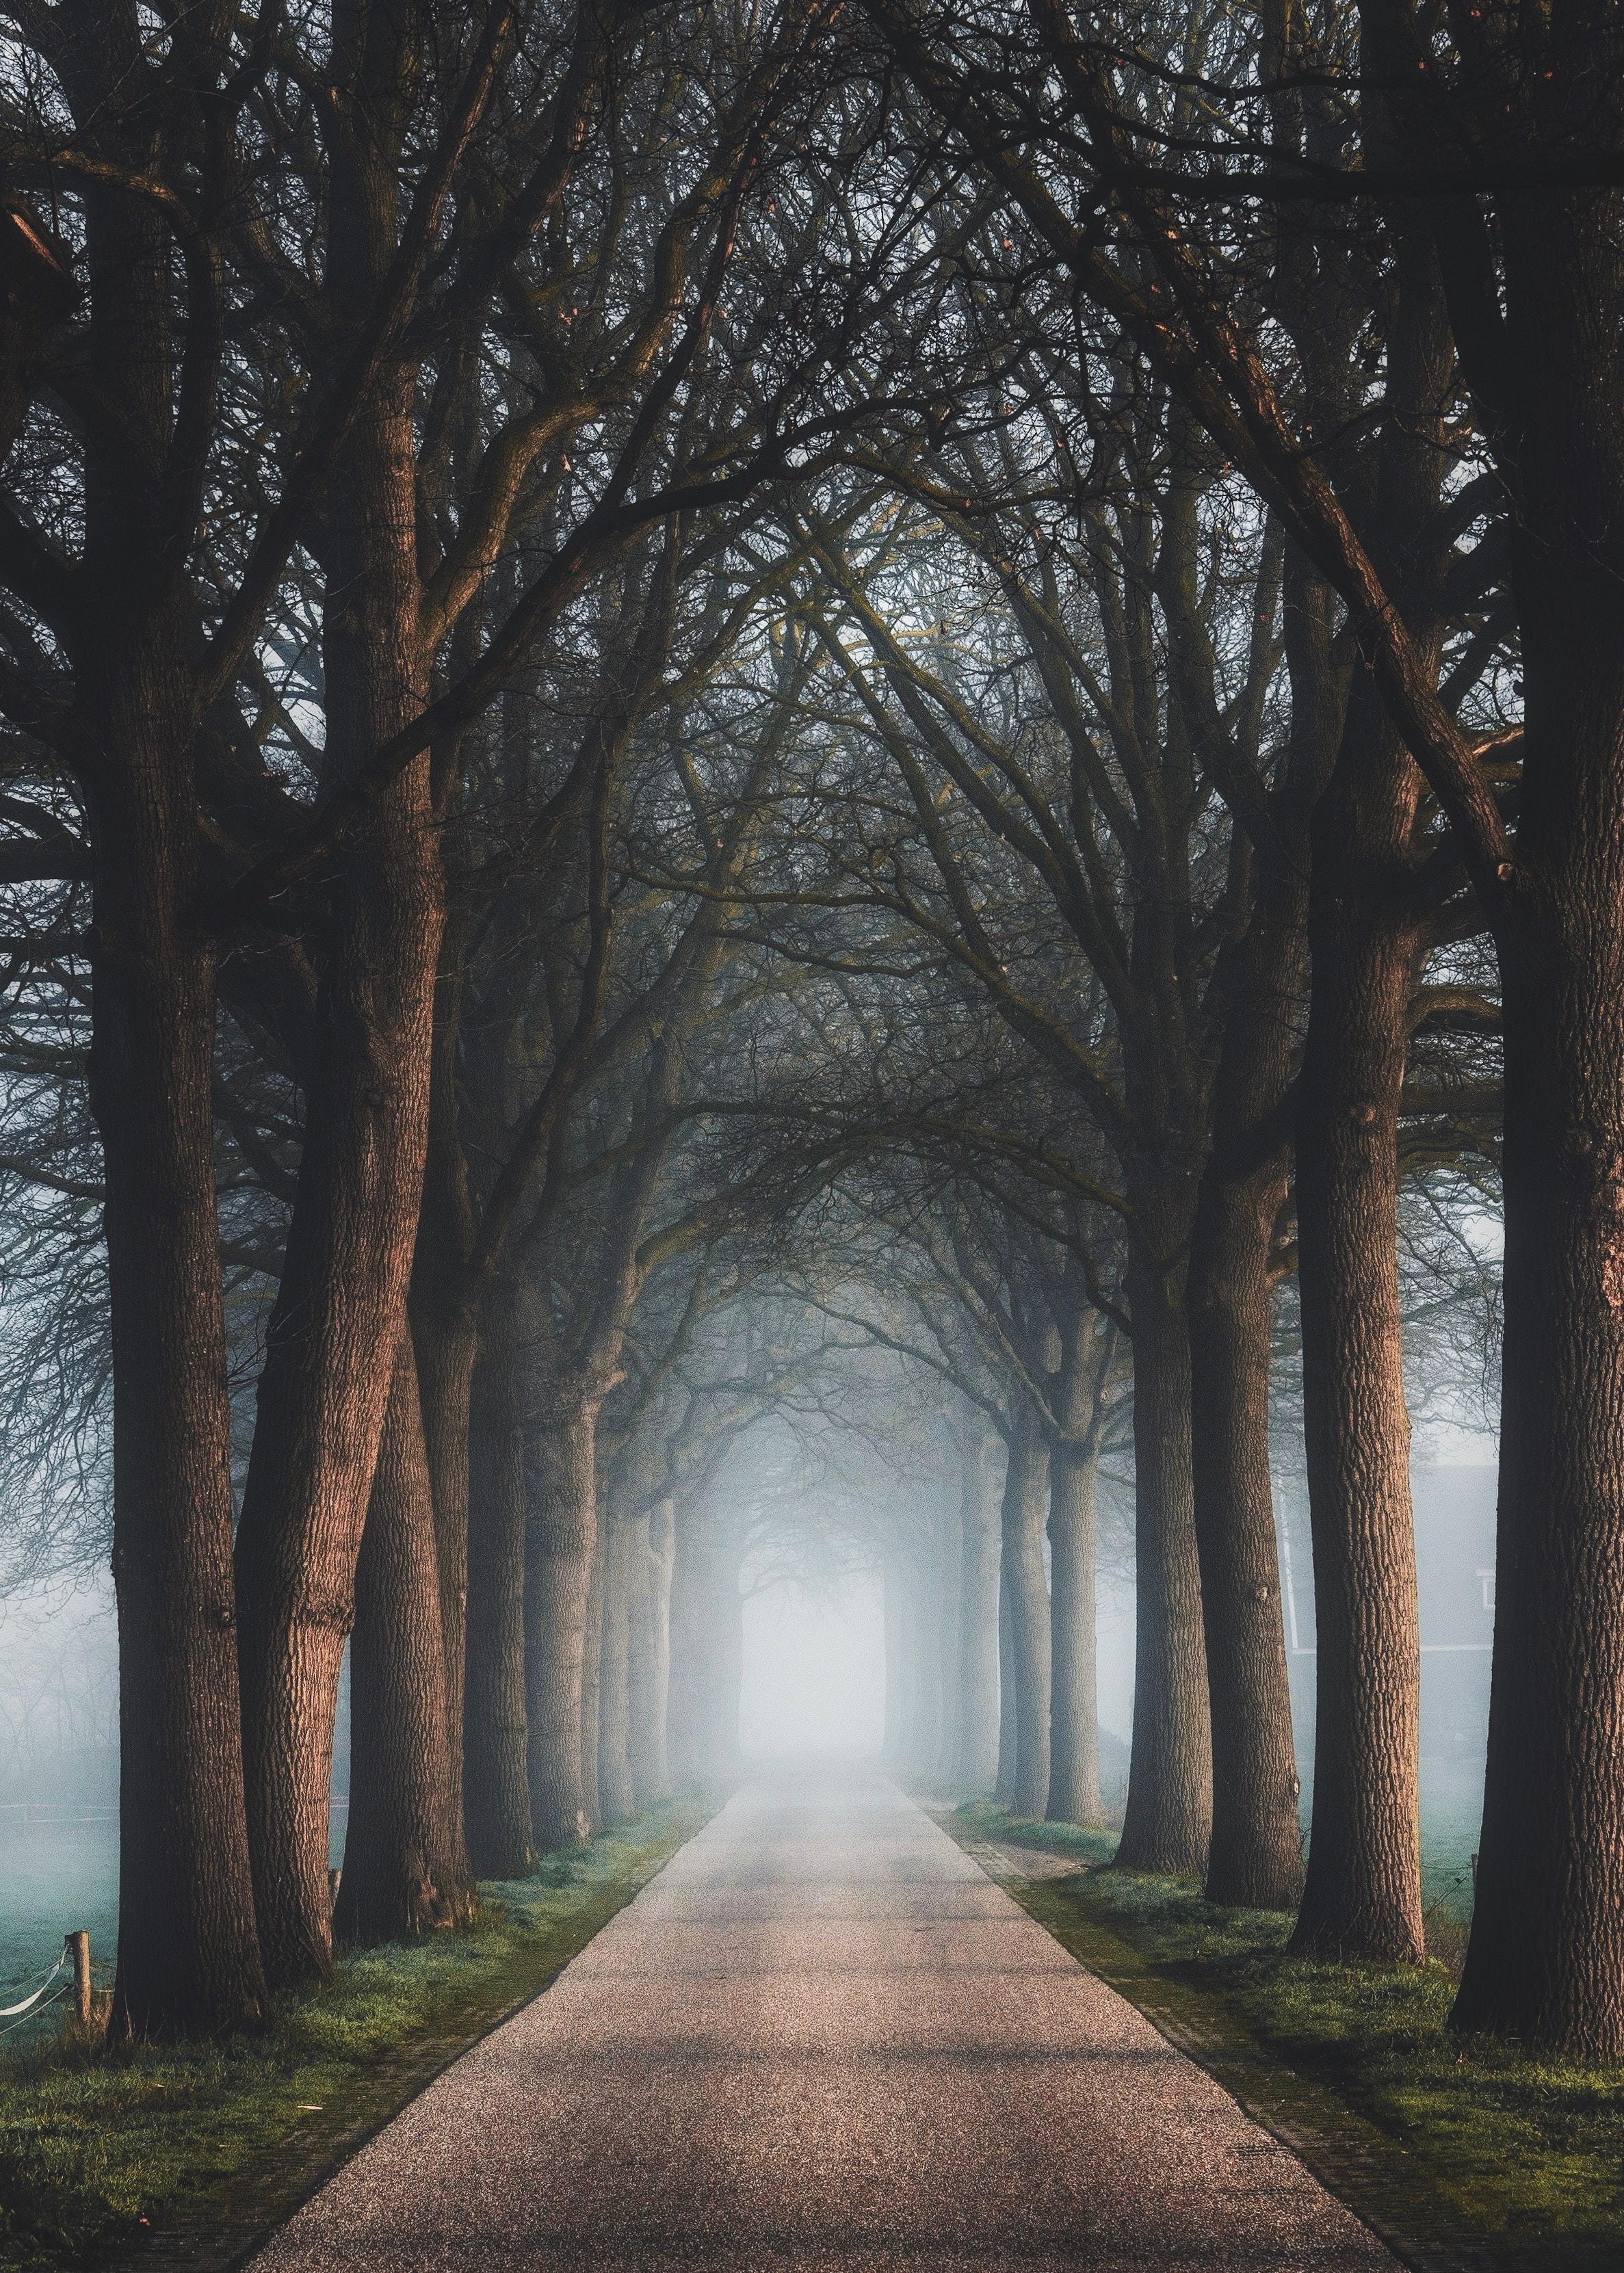 80160 papel de parede 2160x3840 em seu telefone gratuitamente, baixe imagens Natureza, Árvores, Estrada, Caminho, Névoa, Nevoeiro, Beco 2160x3840 em seu celular